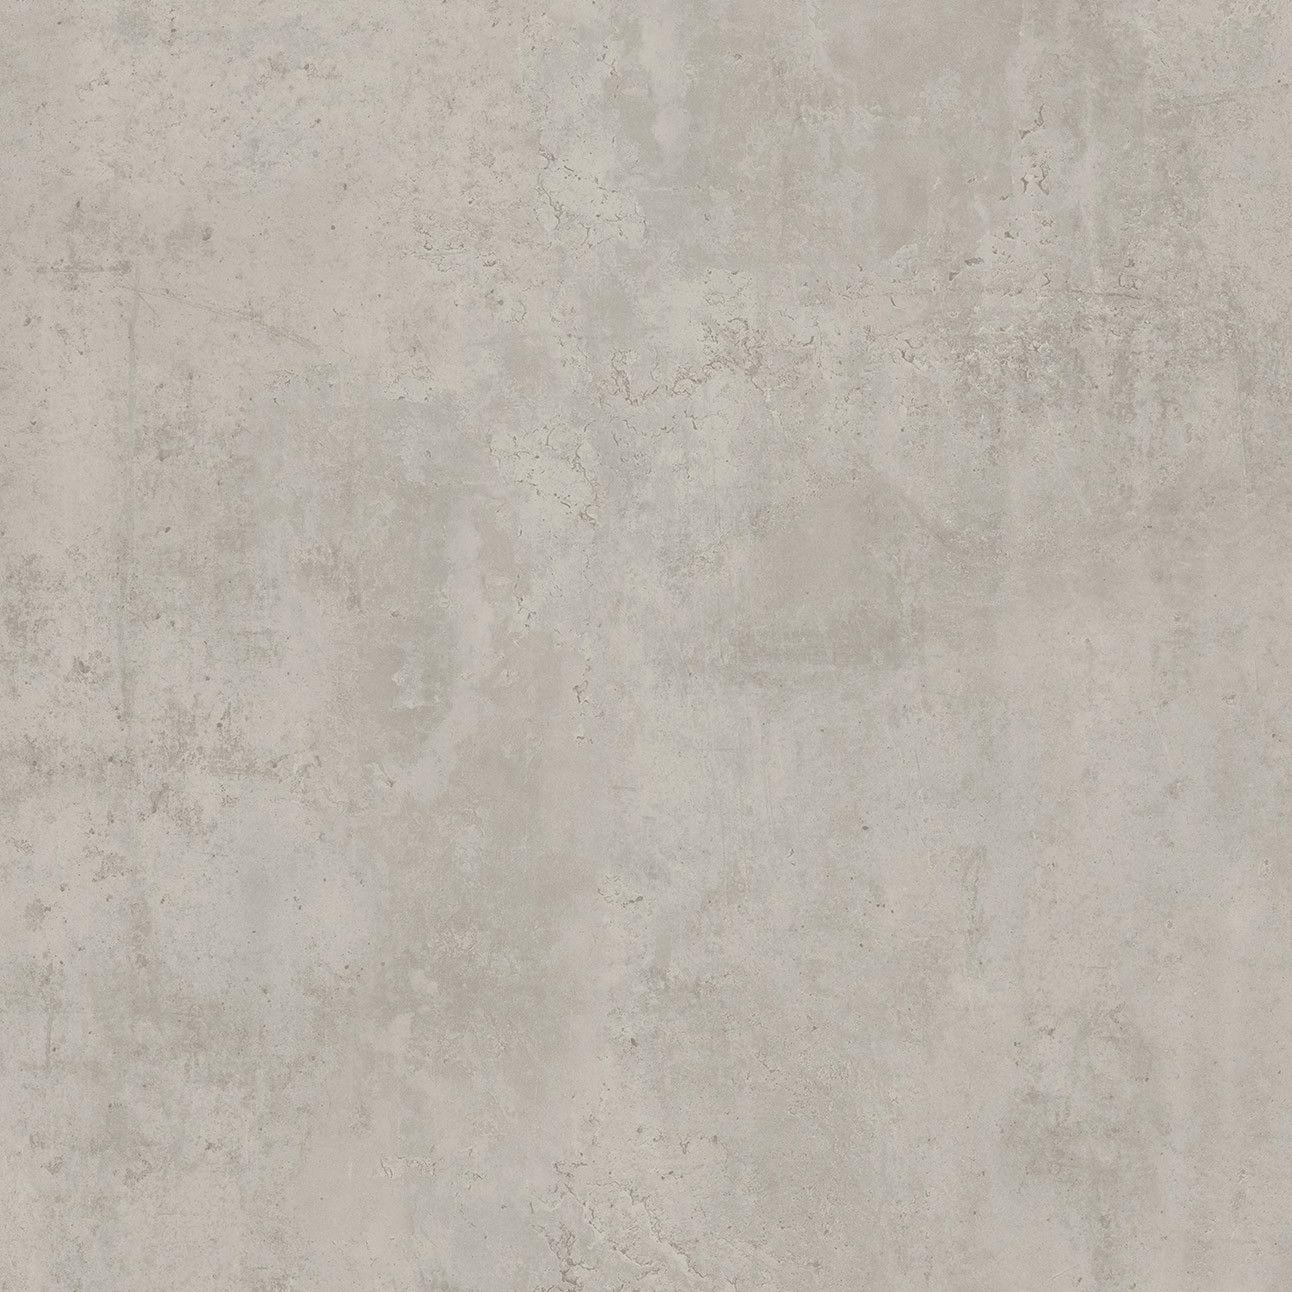 hpl-fassadenverkleidung / matt / platten / betonoptik - cloudy